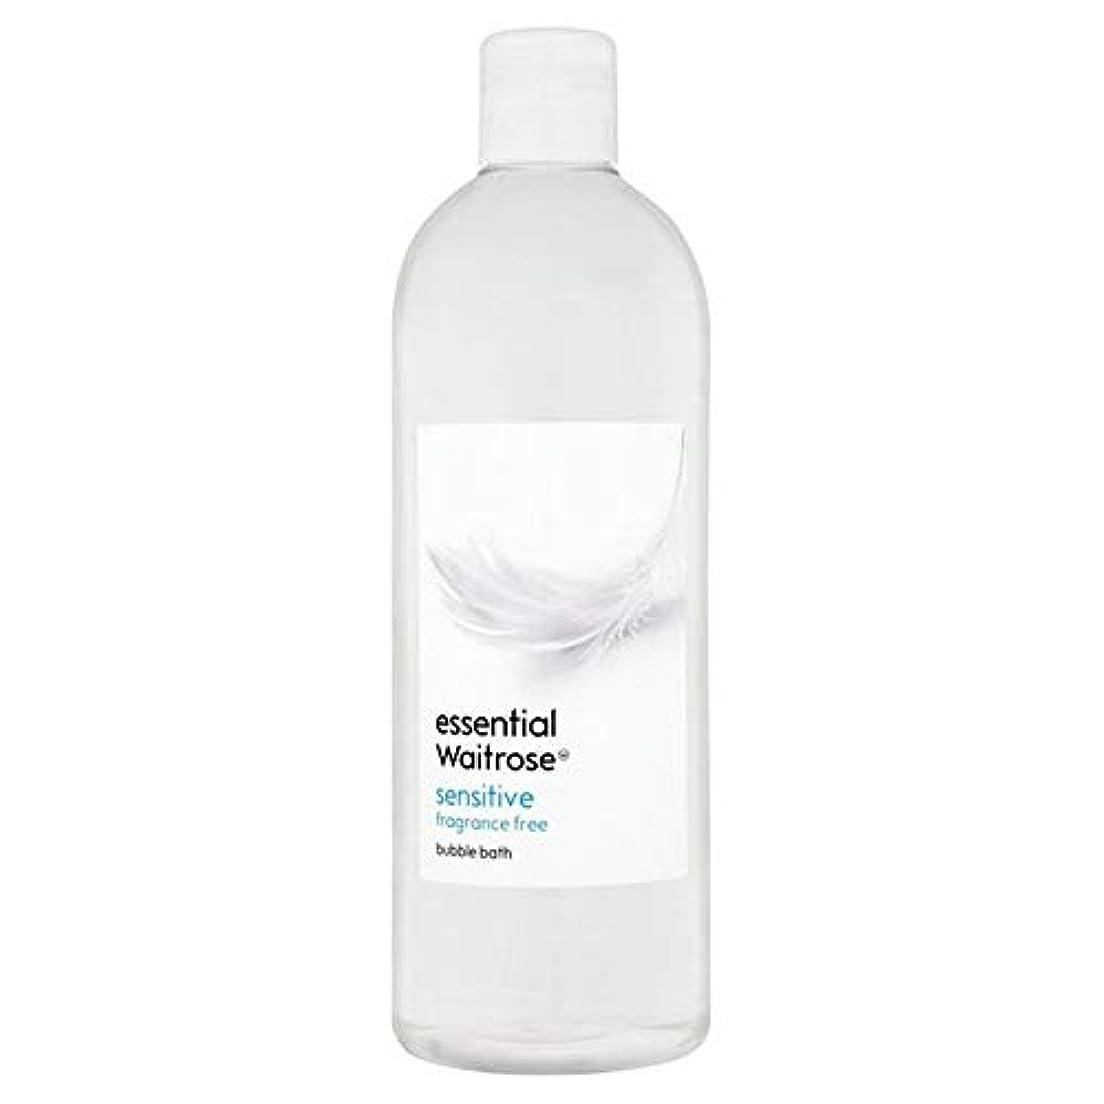 全体宇宙飛行士パール[Waitrose ] 基本的なウェイトローズ泡風呂に敏感な750ミリリットル - Essential Waitrose Bubble Bath Sensitive 750ml [並行輸入品]